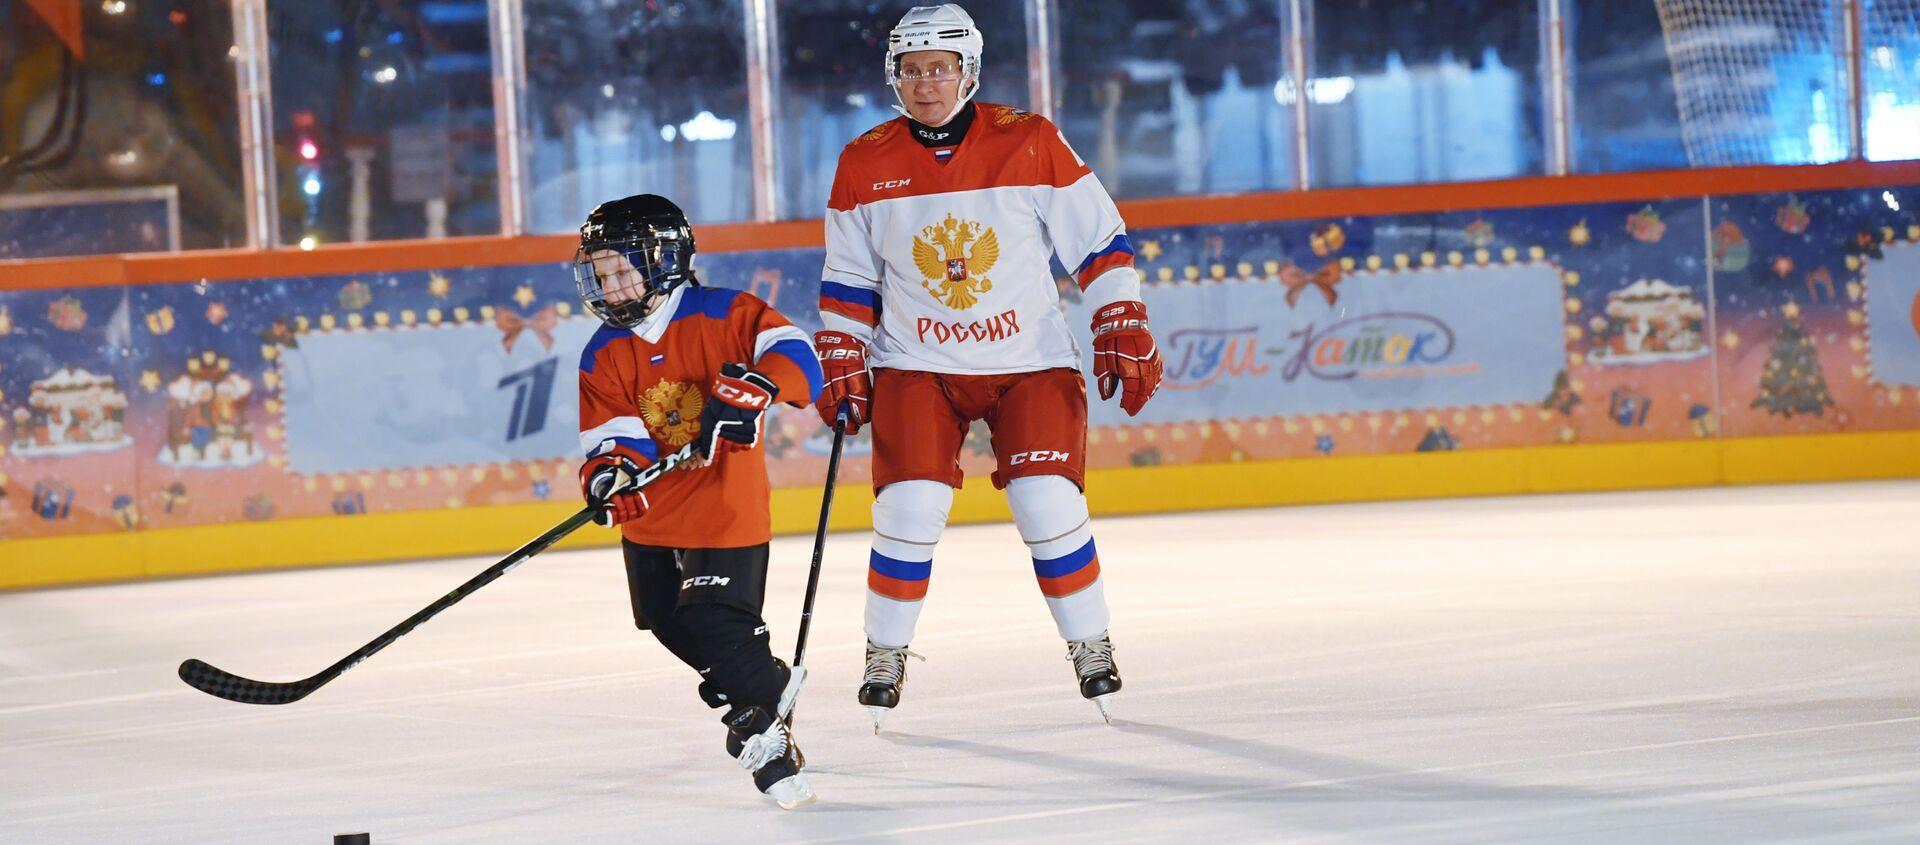 Dima Ashchepkov y Vladímir Putin - Sputnik Mundo, 1920, 23.12.2020